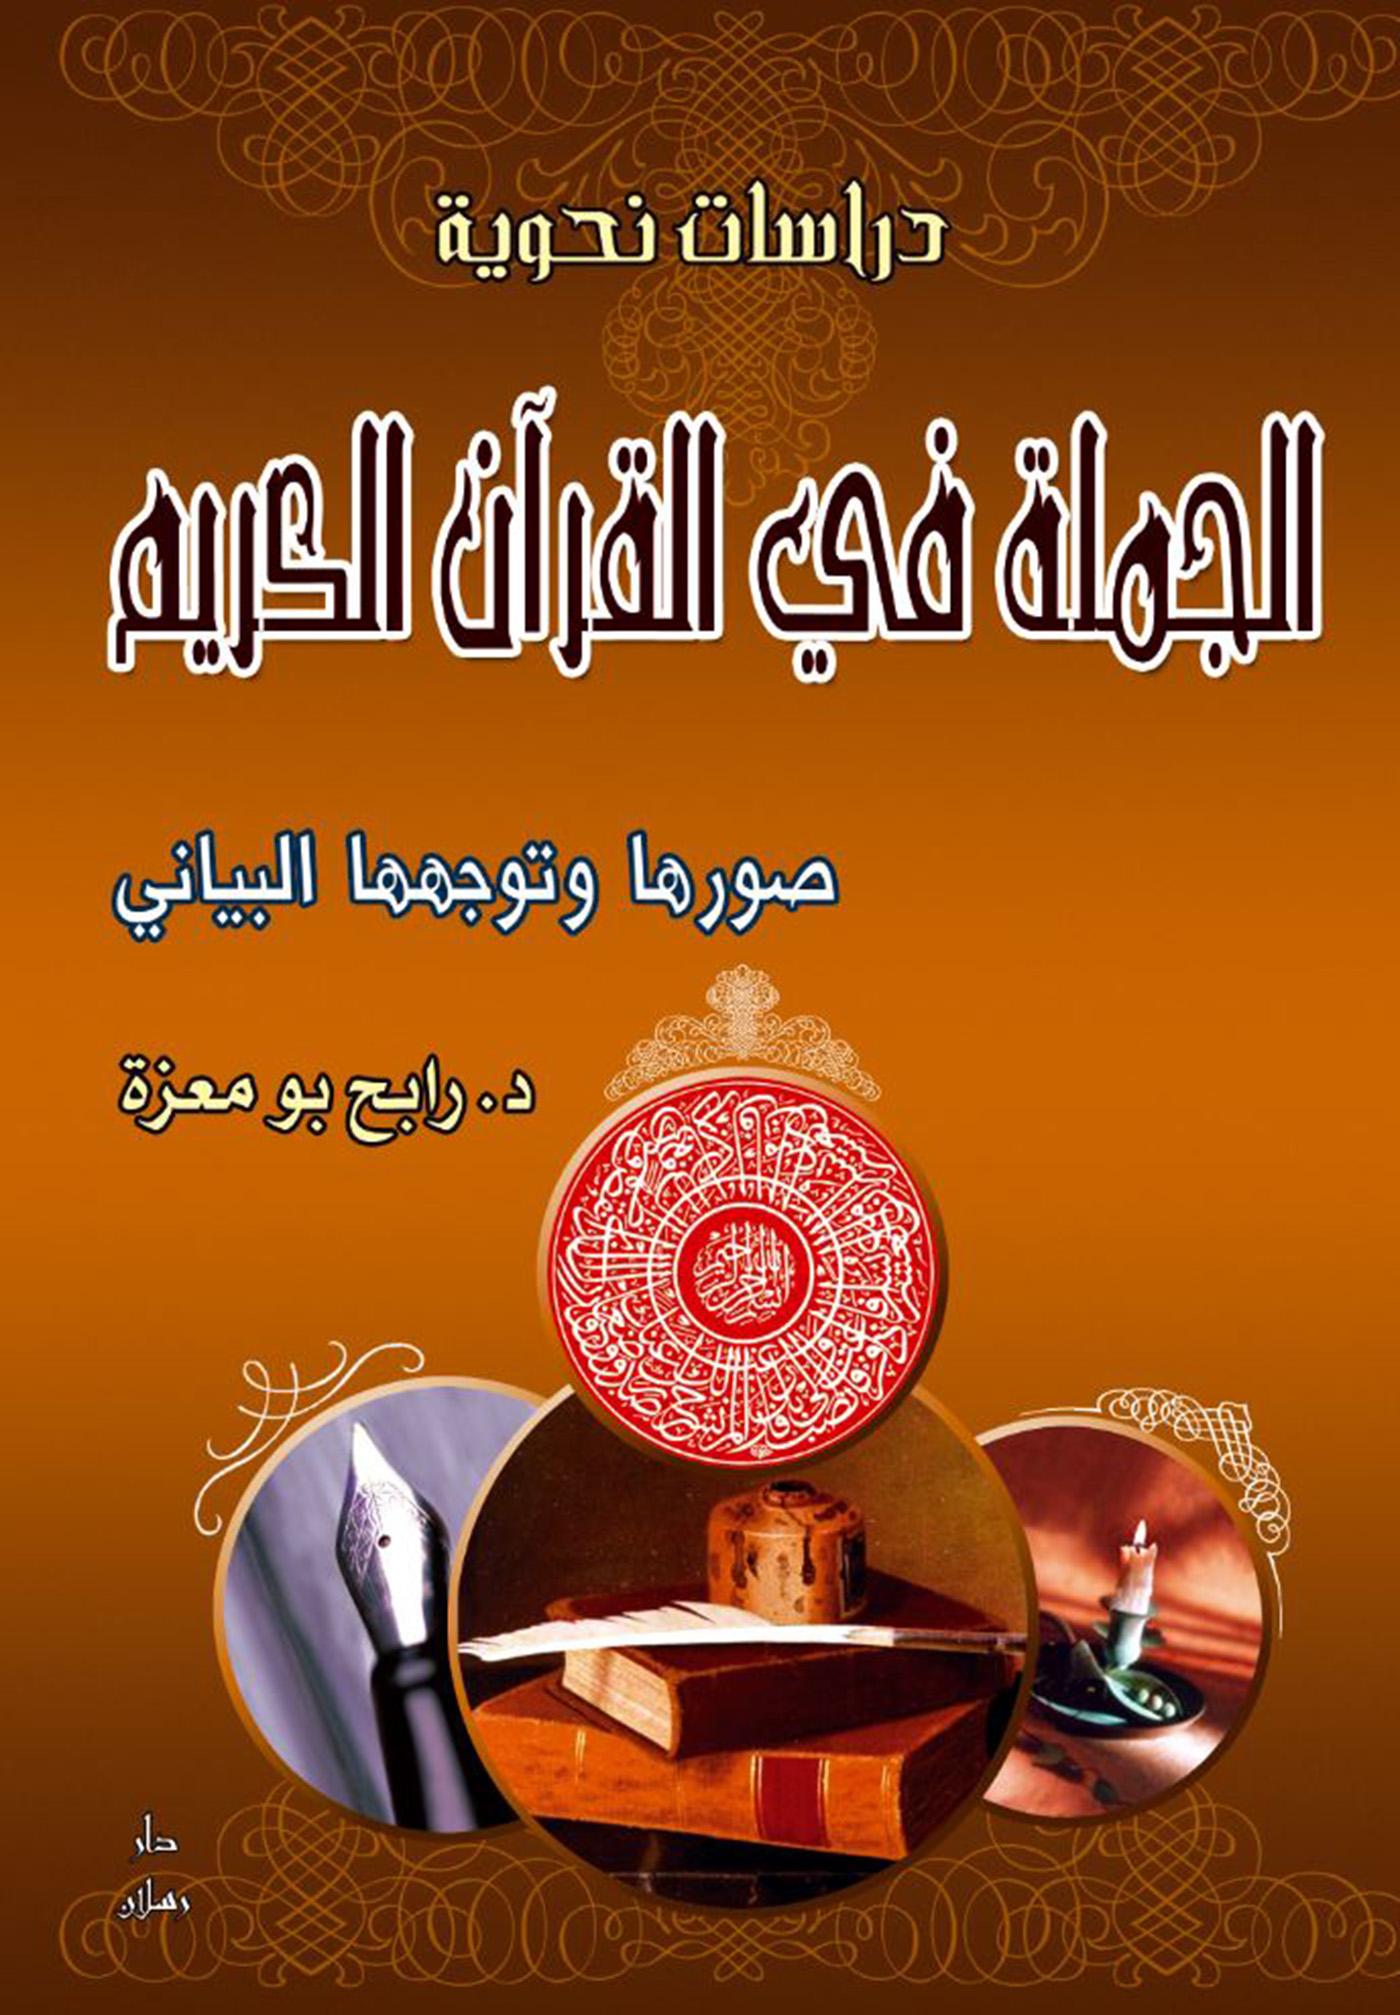 الجملة في القرآن الكريم (صورها وتوجهها البياني)